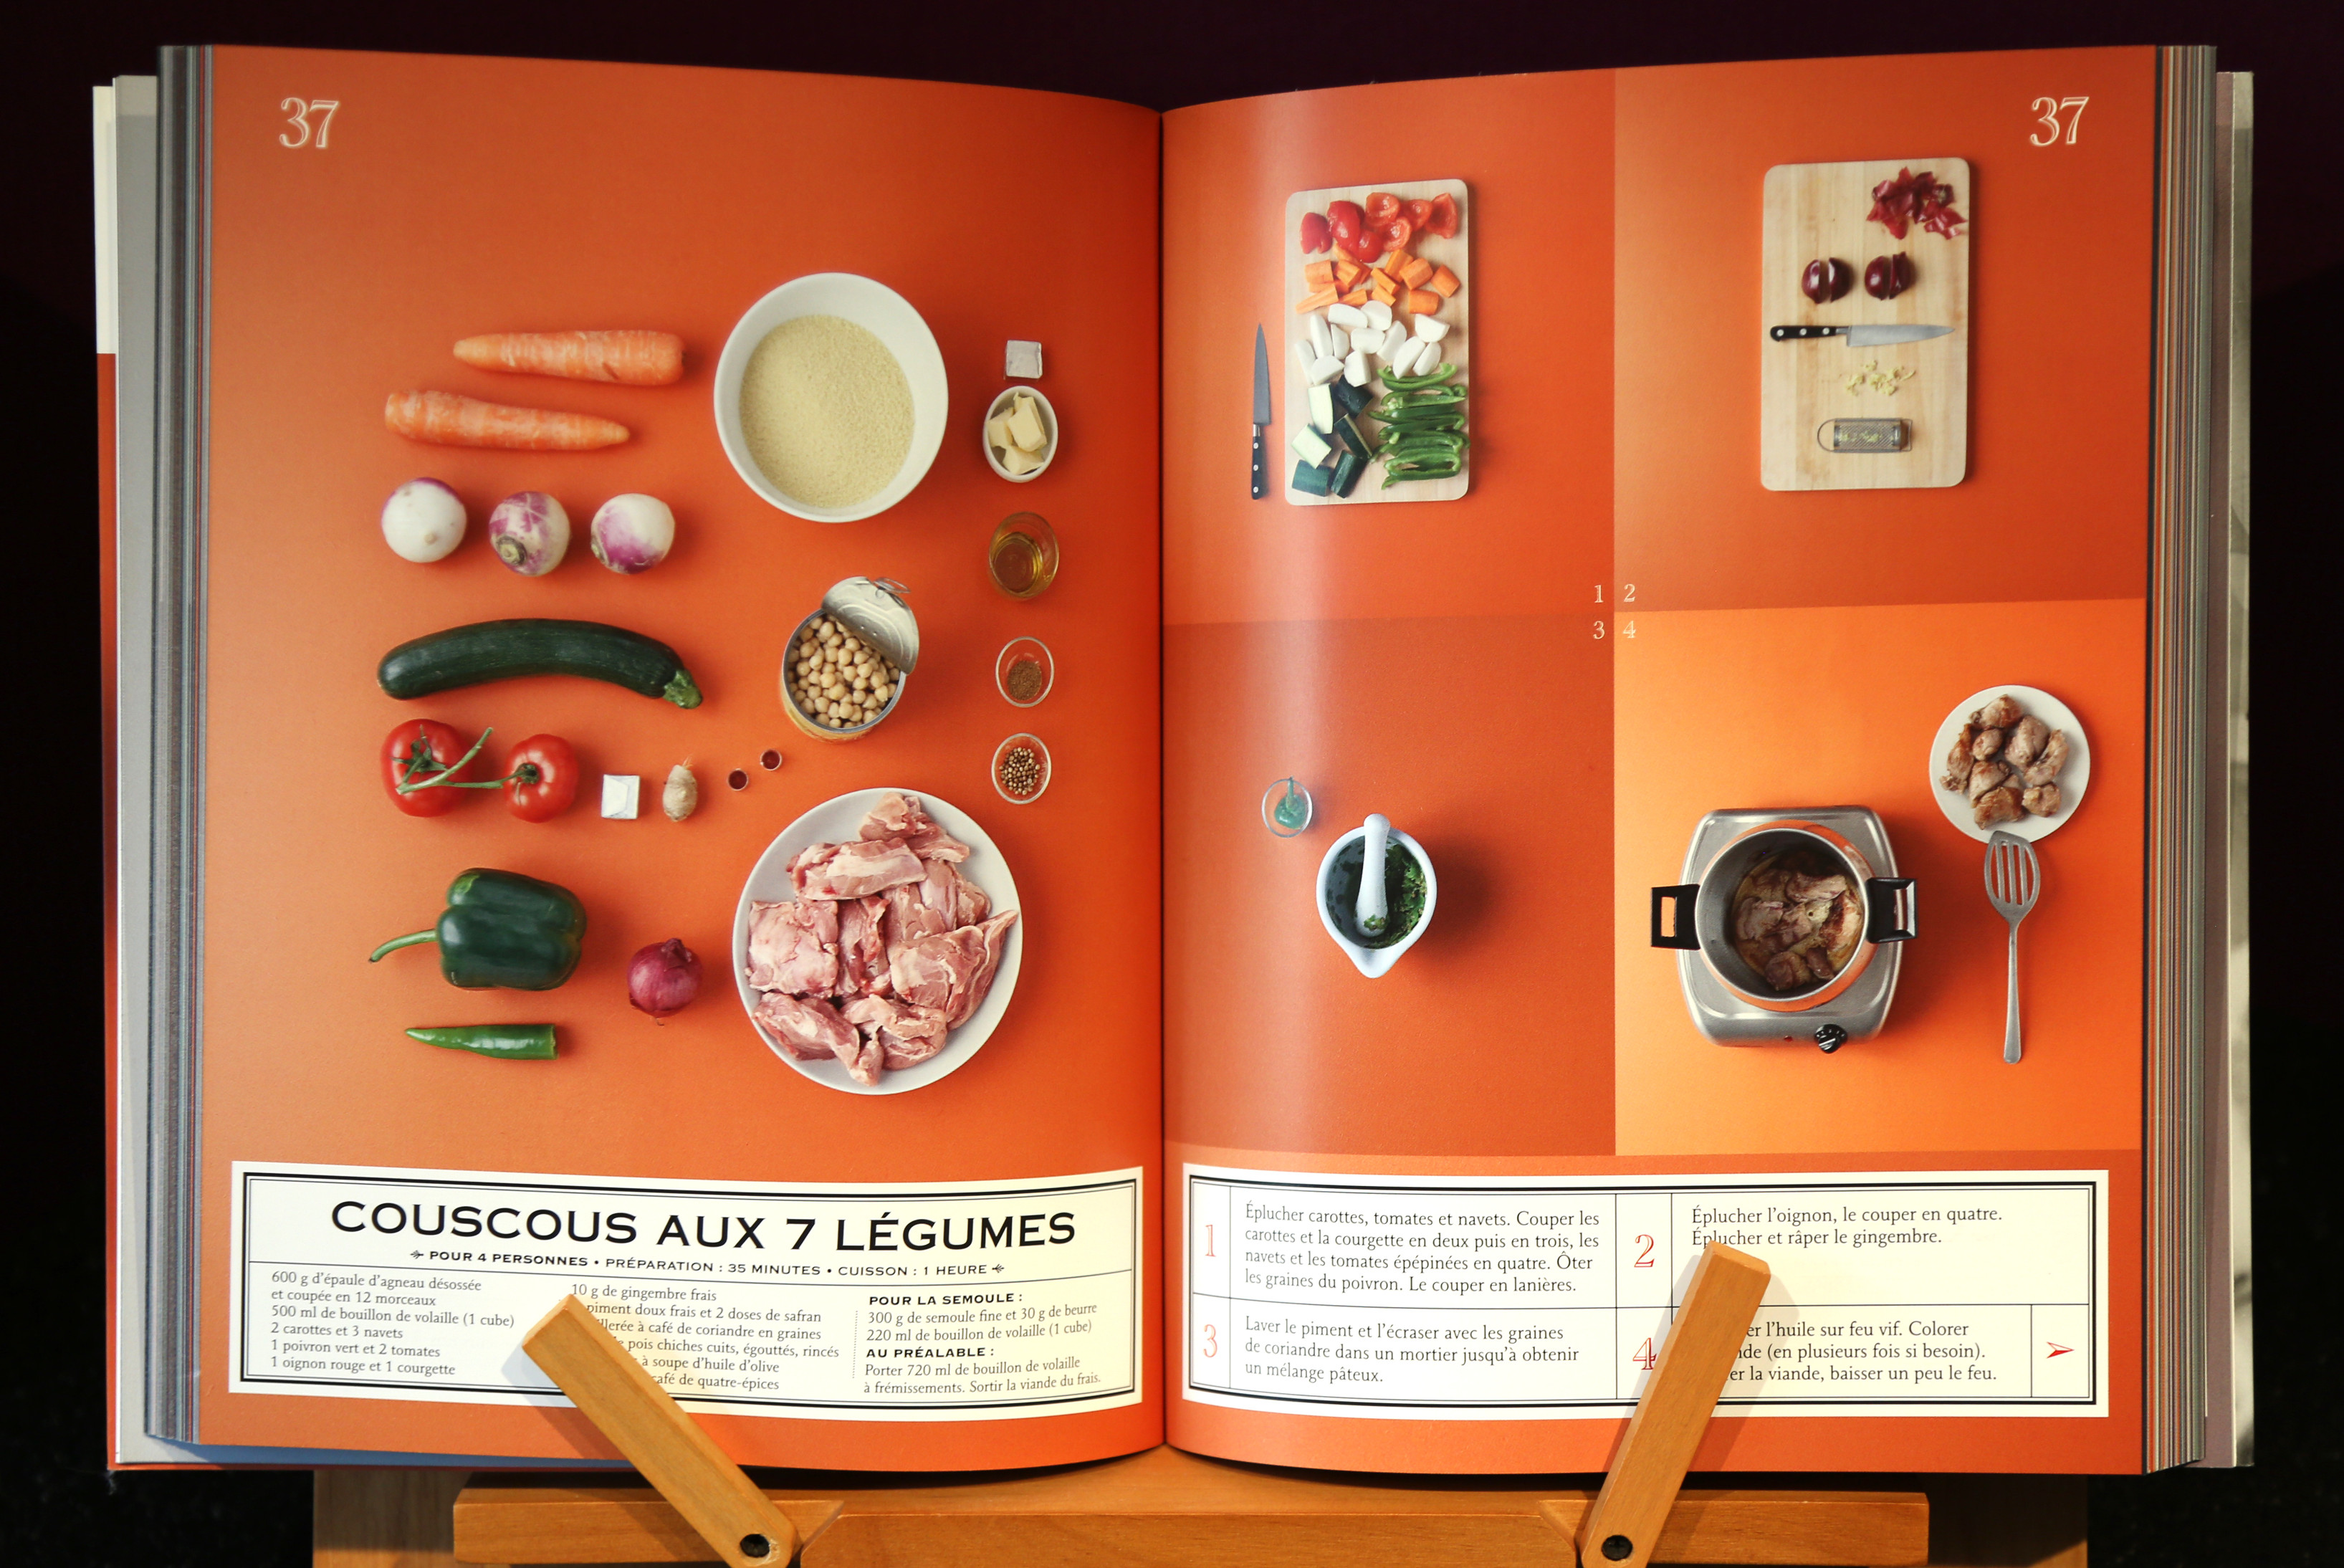 Biblioth que les gourmantissimes - Cours de cuisine bourges ...